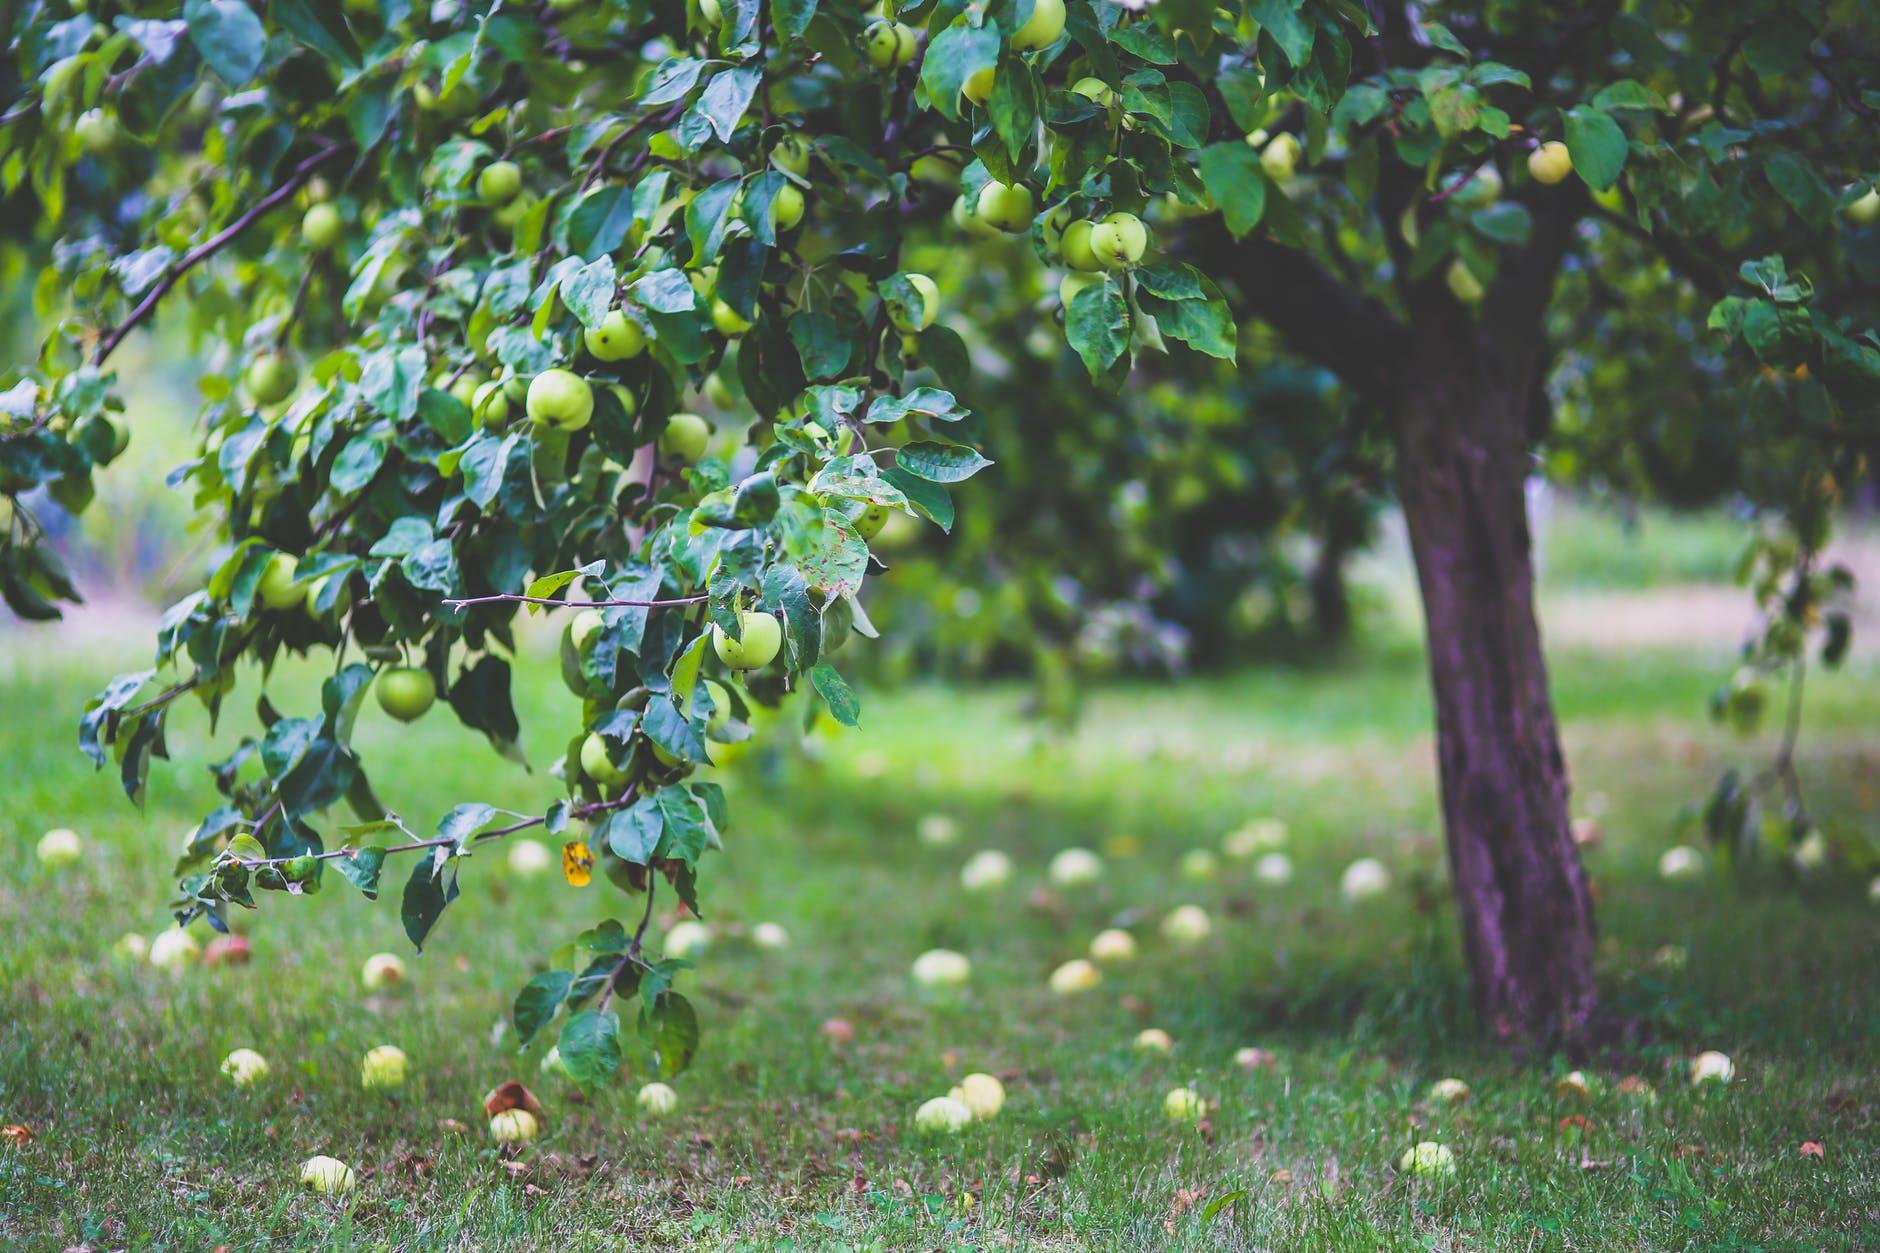 K urejanju okolice hiše in vrta, spadata sajenje in obrezovanje drevja